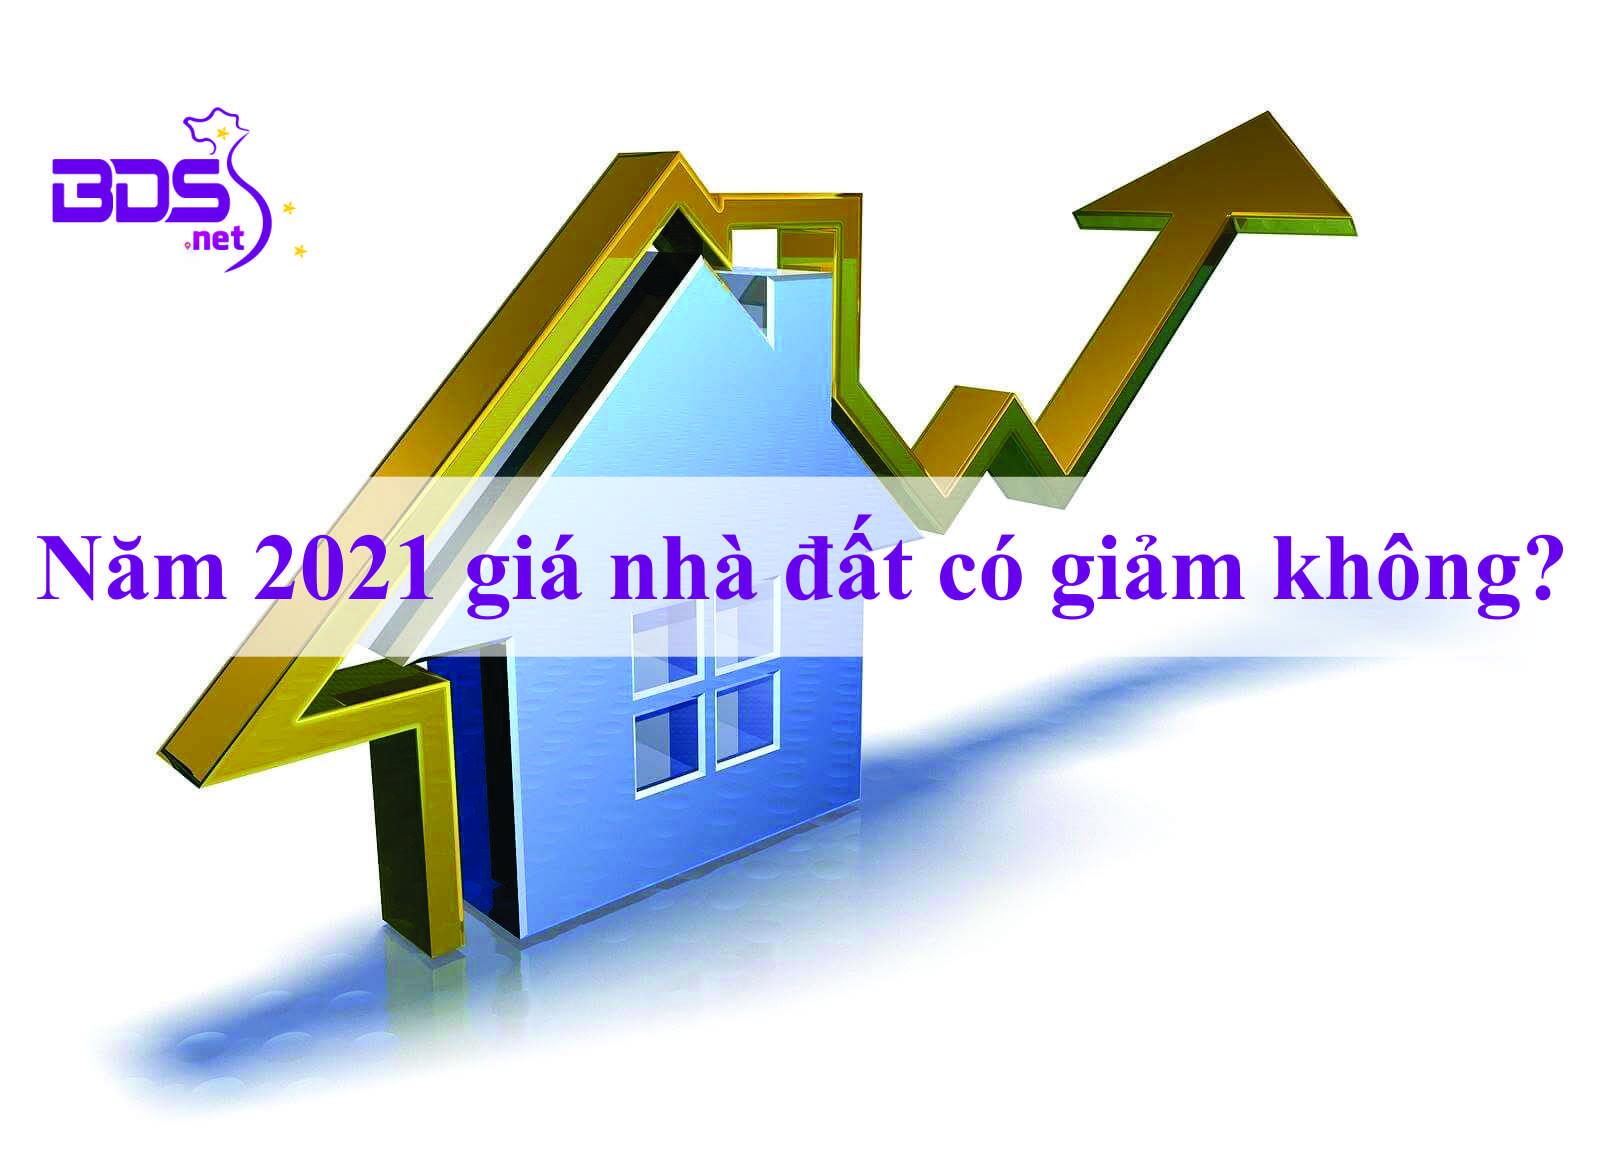 Năm 2021 giá nhà đất có giảm không?